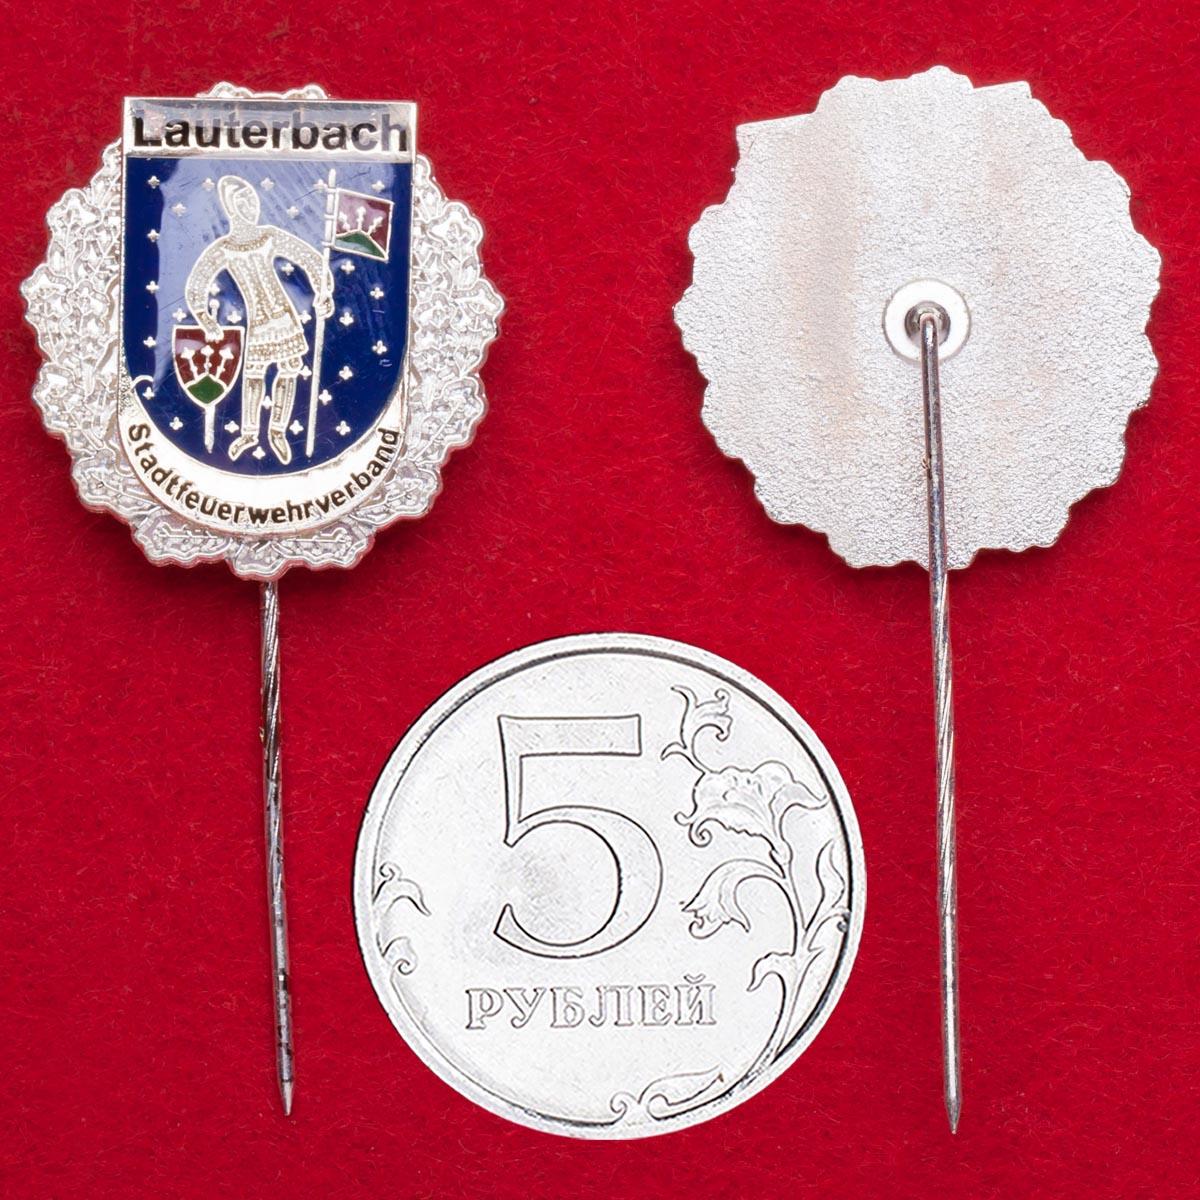 Значок пожарной охраны города Лаутербах, Германия (серебро)